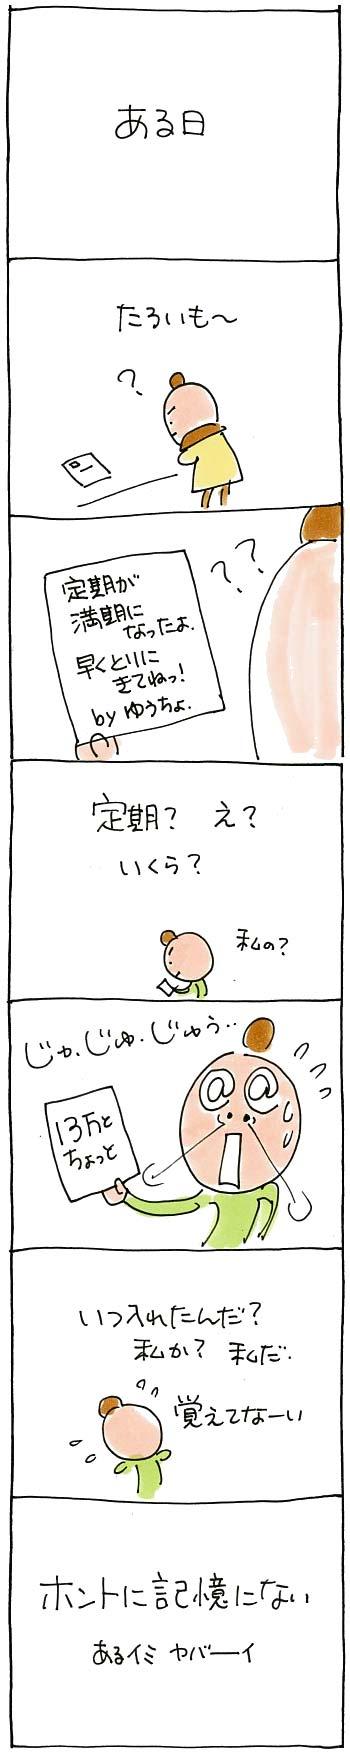 ネズミ03